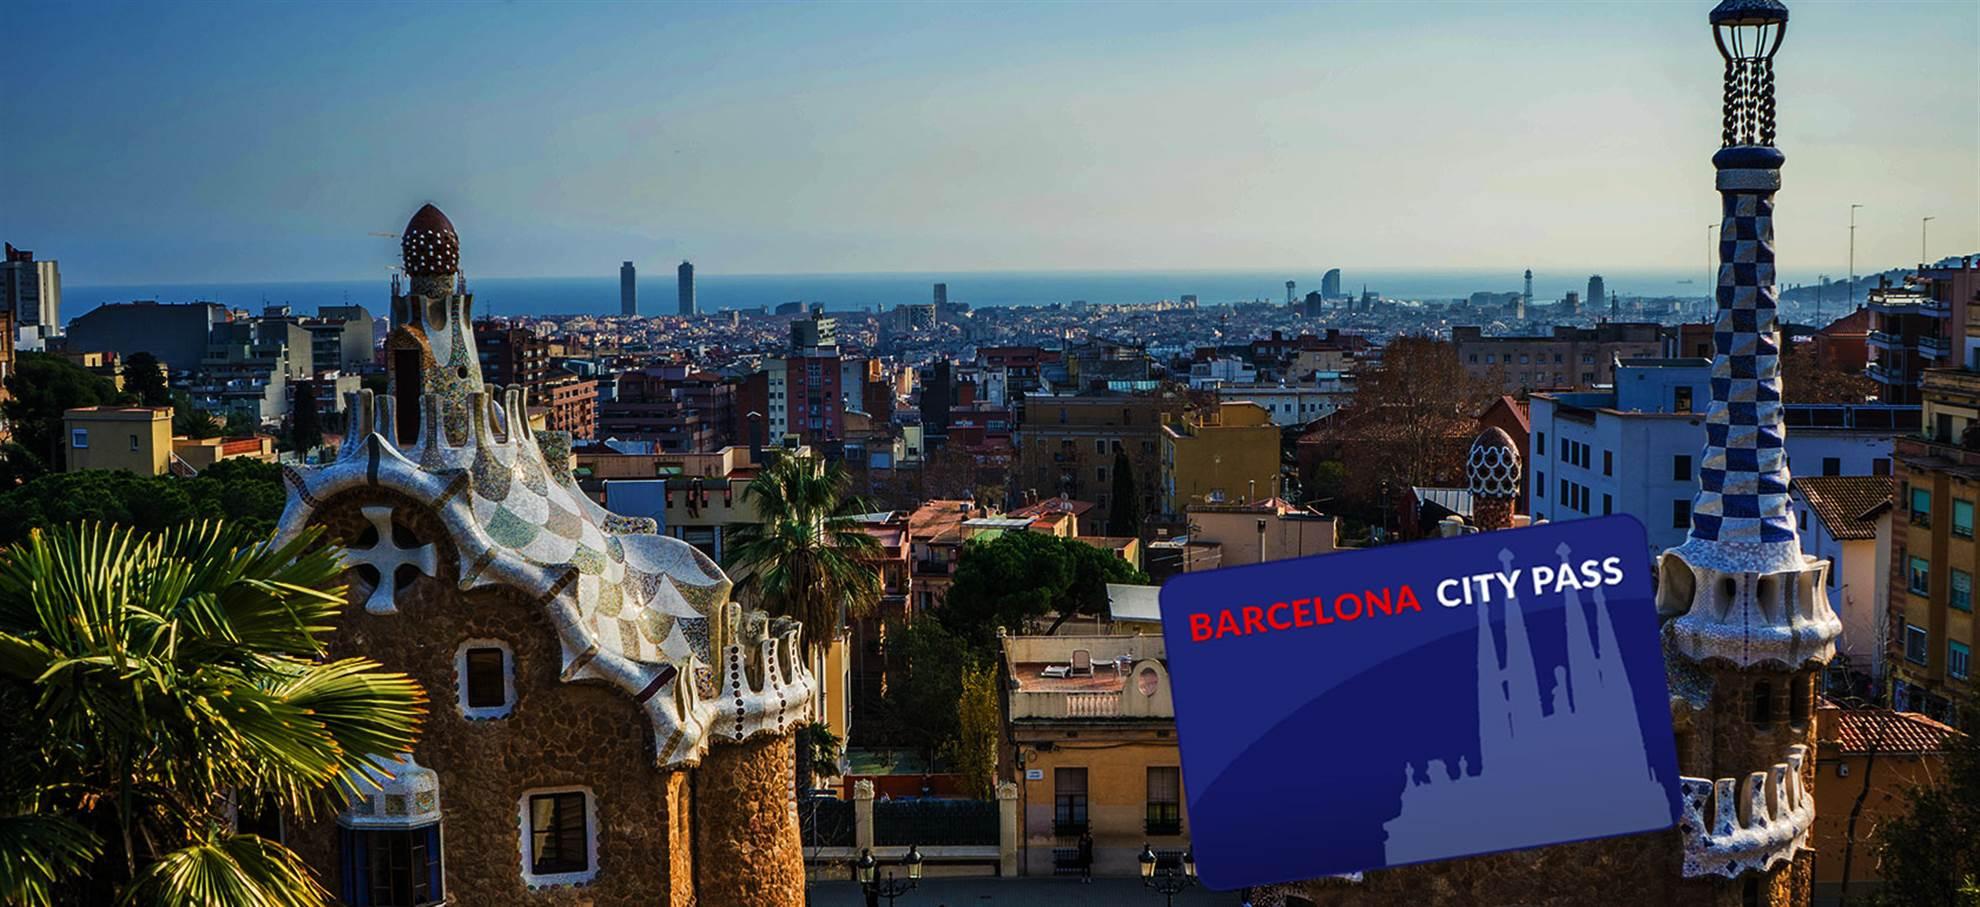 Barcelona City Pass (tartalmazza a Sagrada Famíliát angol vezetéssel, továbbá a Güell parkot)